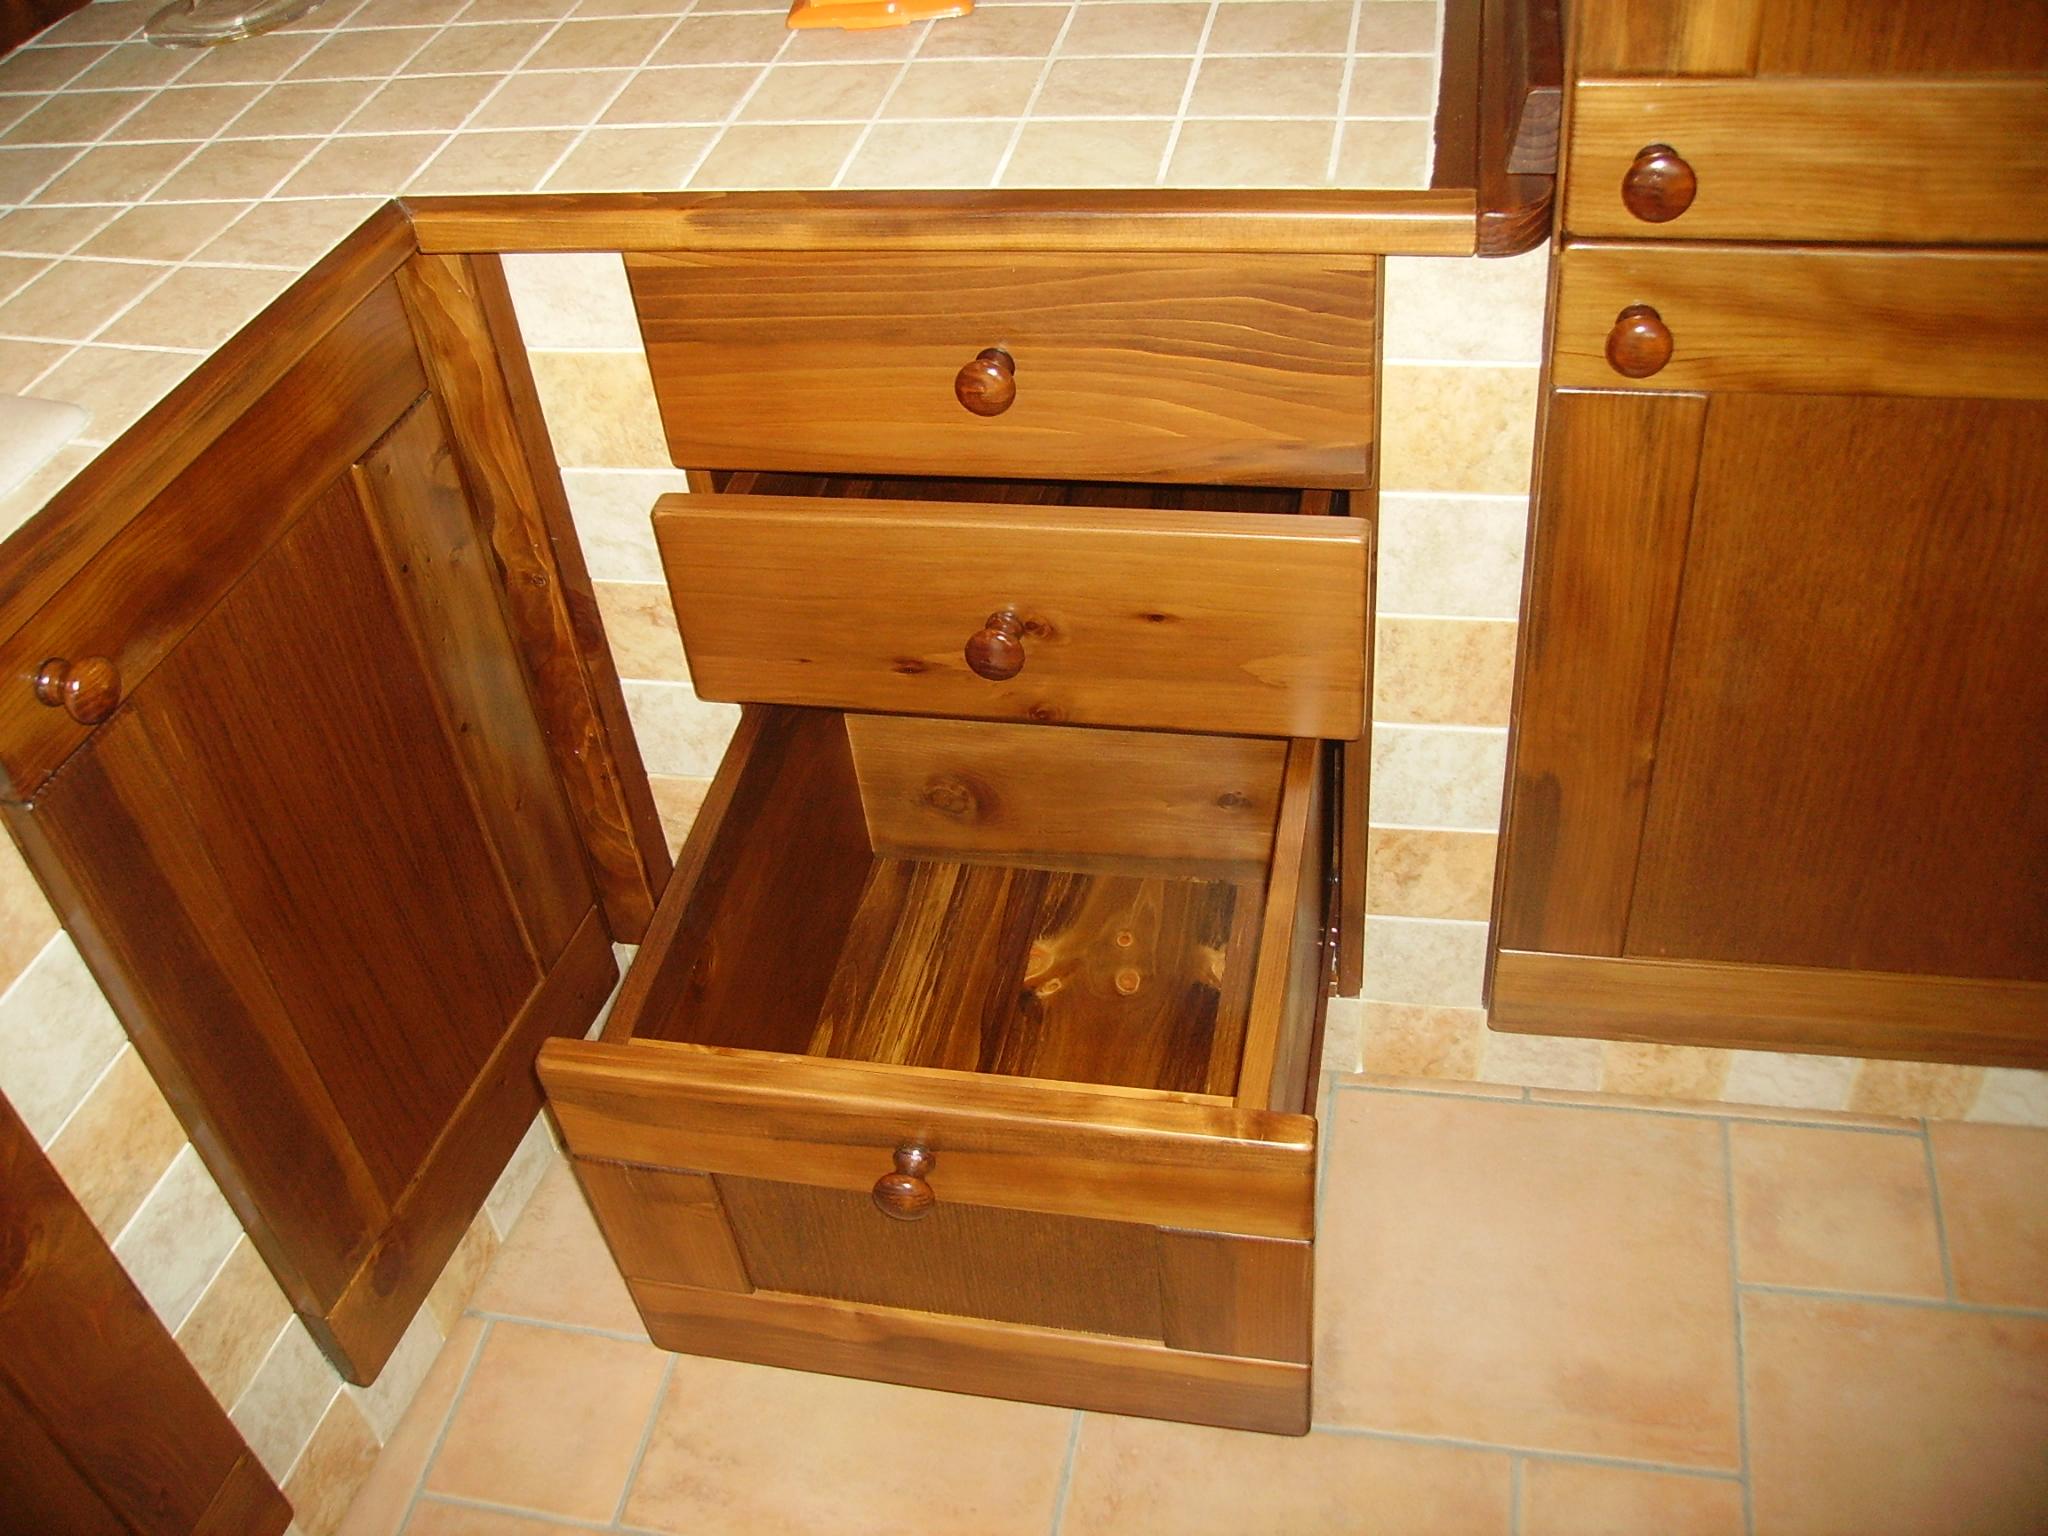 Rustiche Cucina In Muratura Ikea.Finta Muratura Cucina In Muratura Ikea Chefs4passion